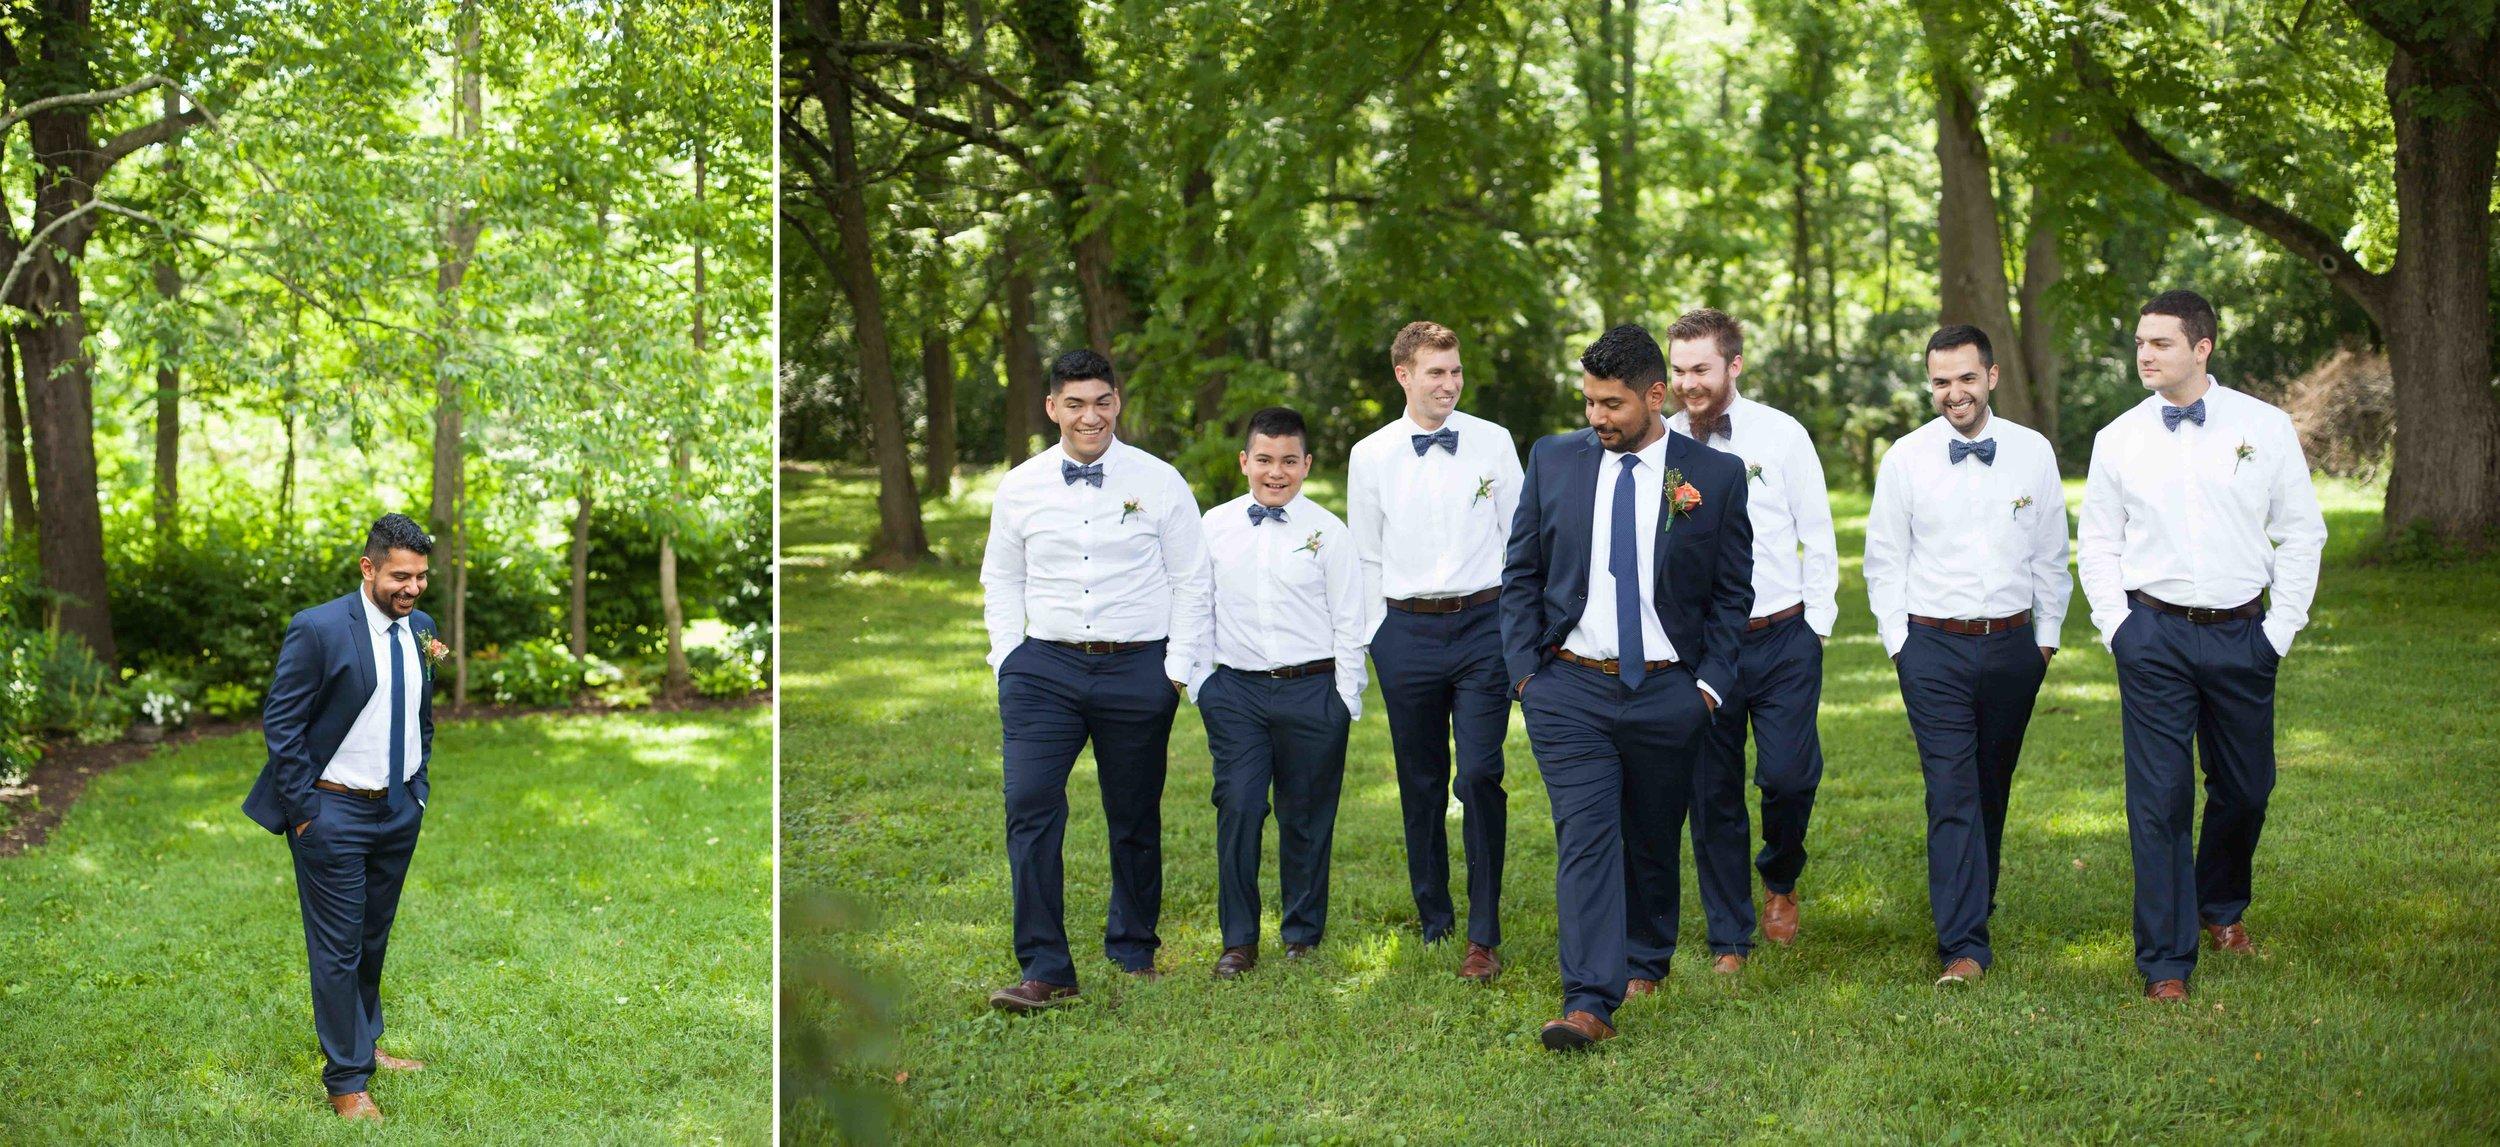 cc cincinnati wedding photographer girls0001.jpg